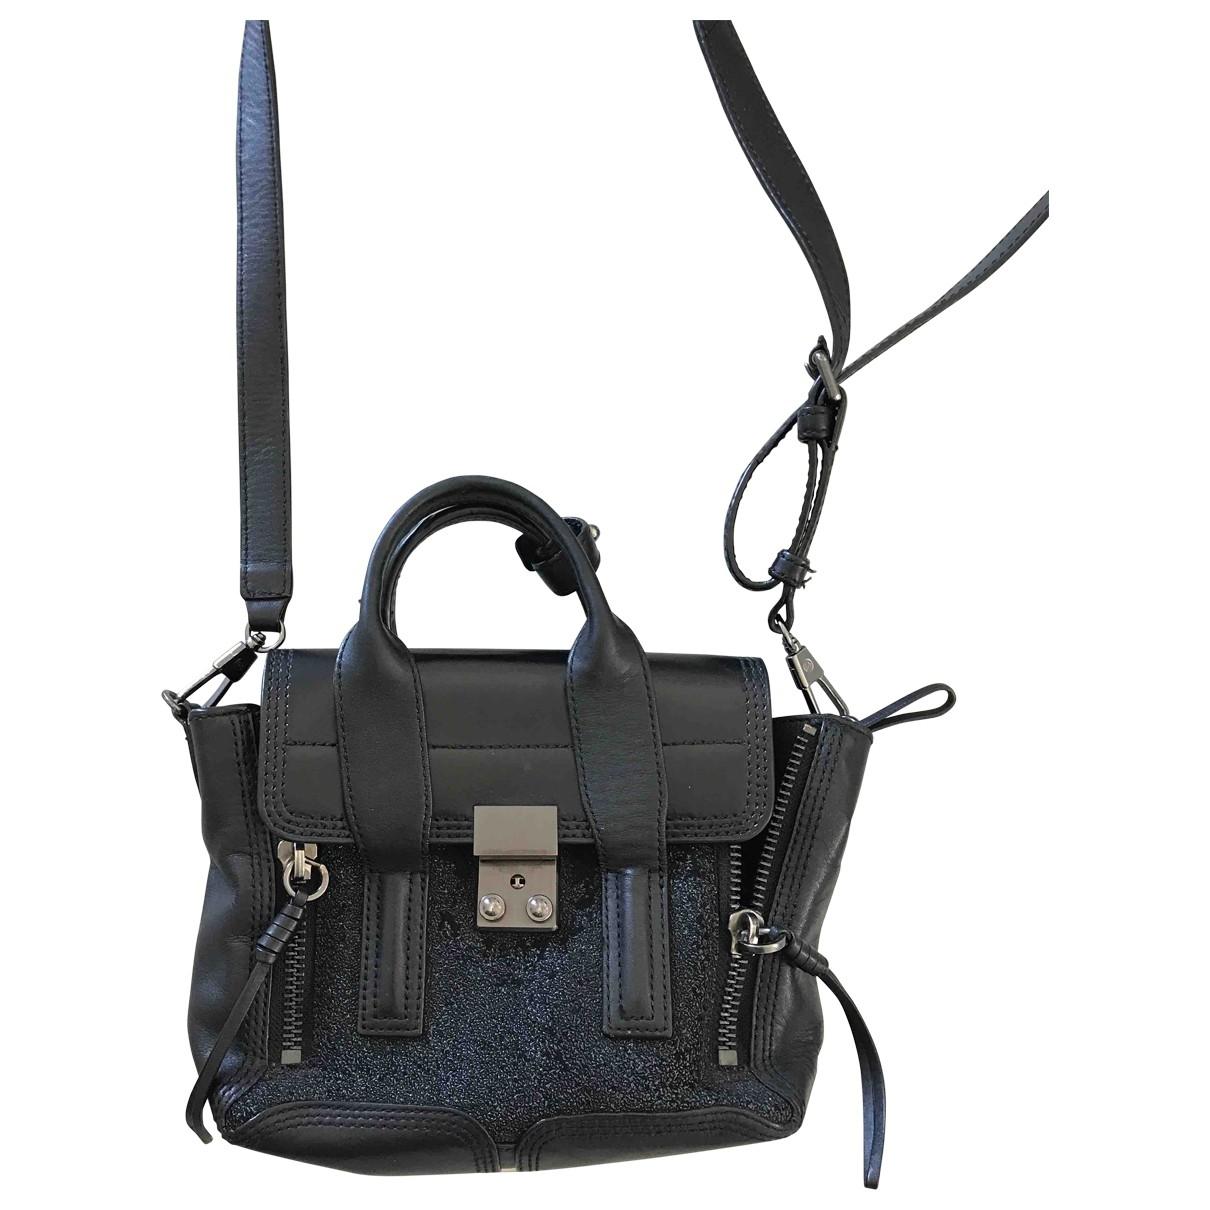 3.1 Phillip Lim Pashli Handtasche in  Schwarz Leder